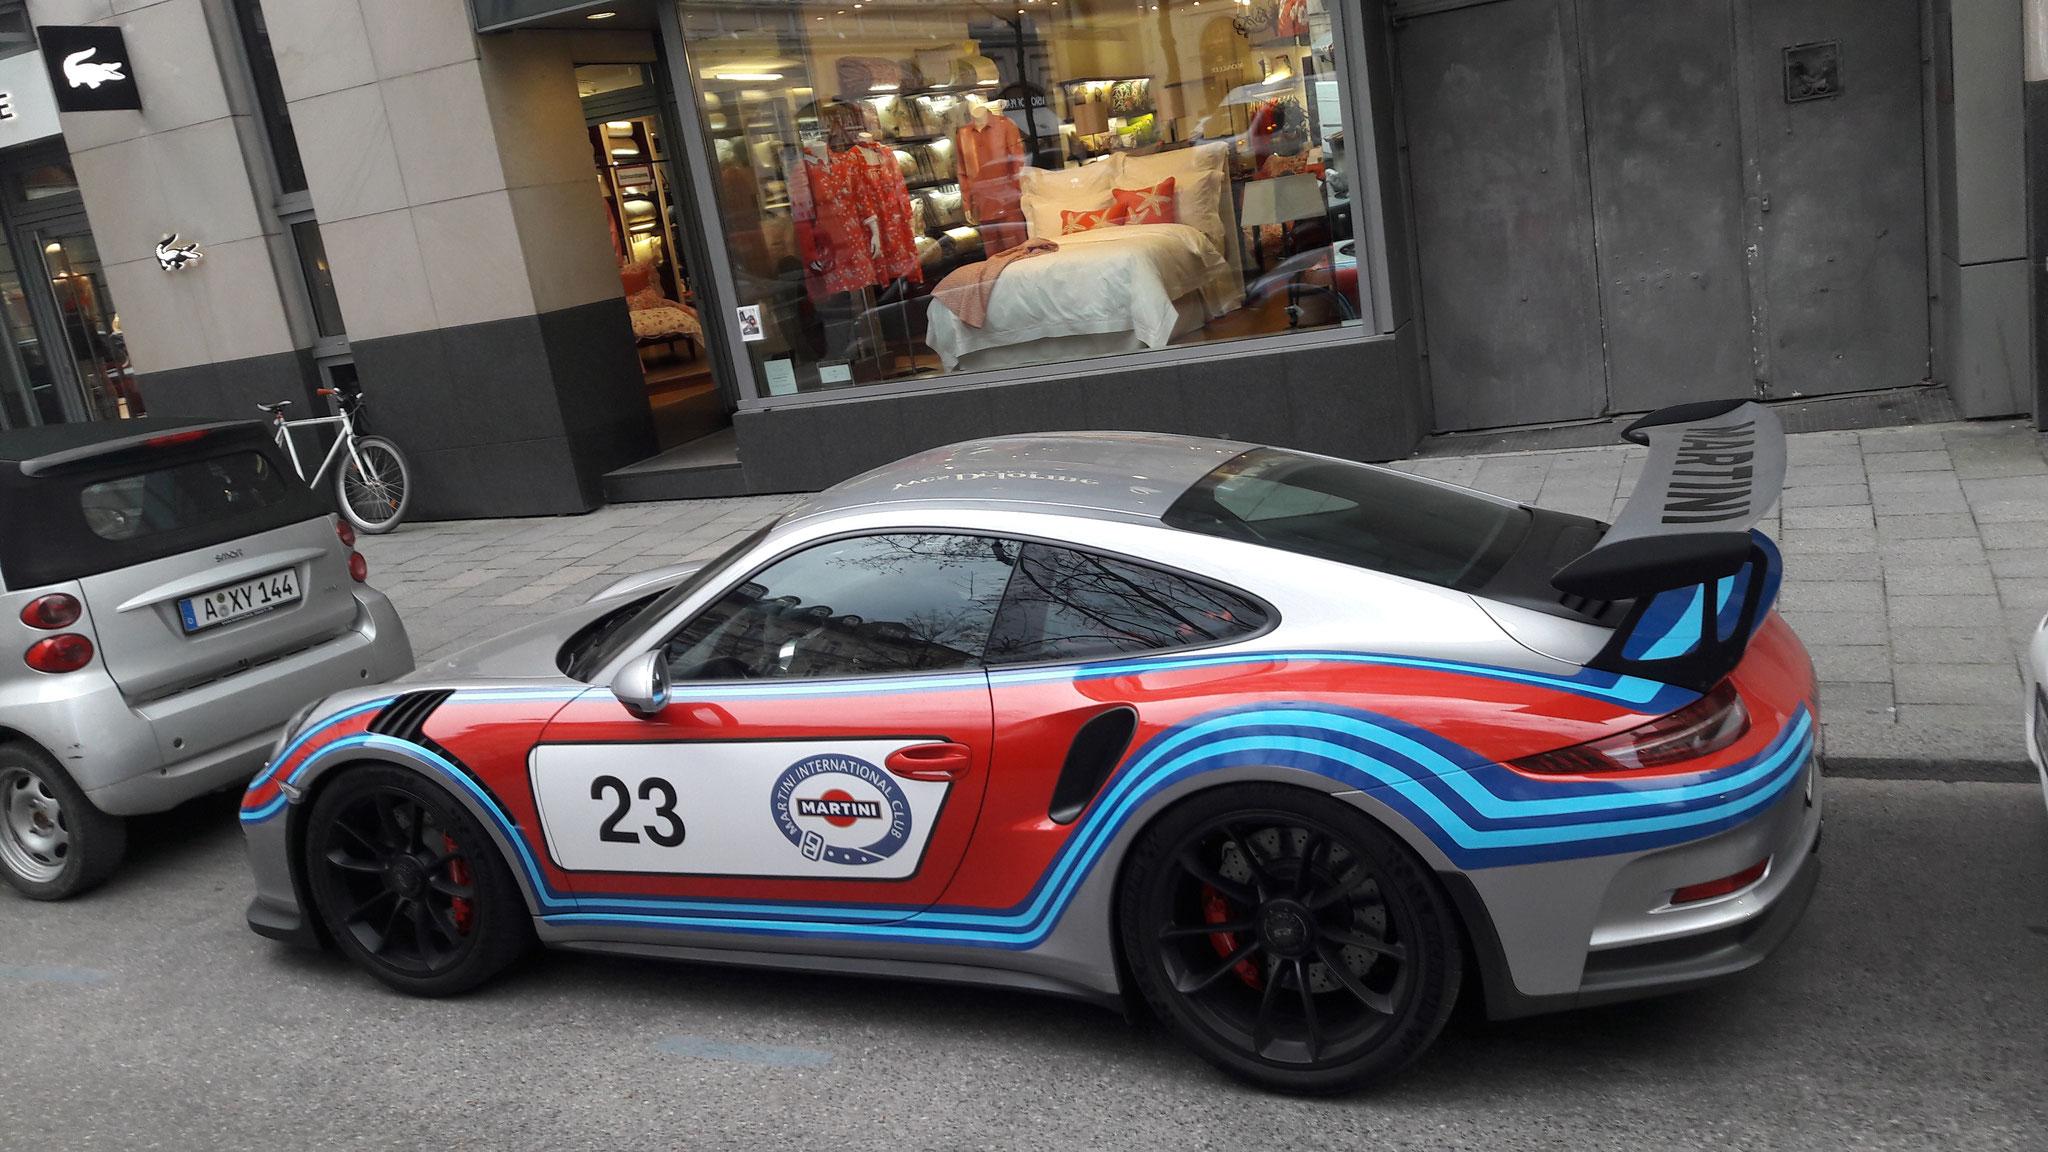 Porsche 911 GT3 RS - M-042566 (M-OG-232)